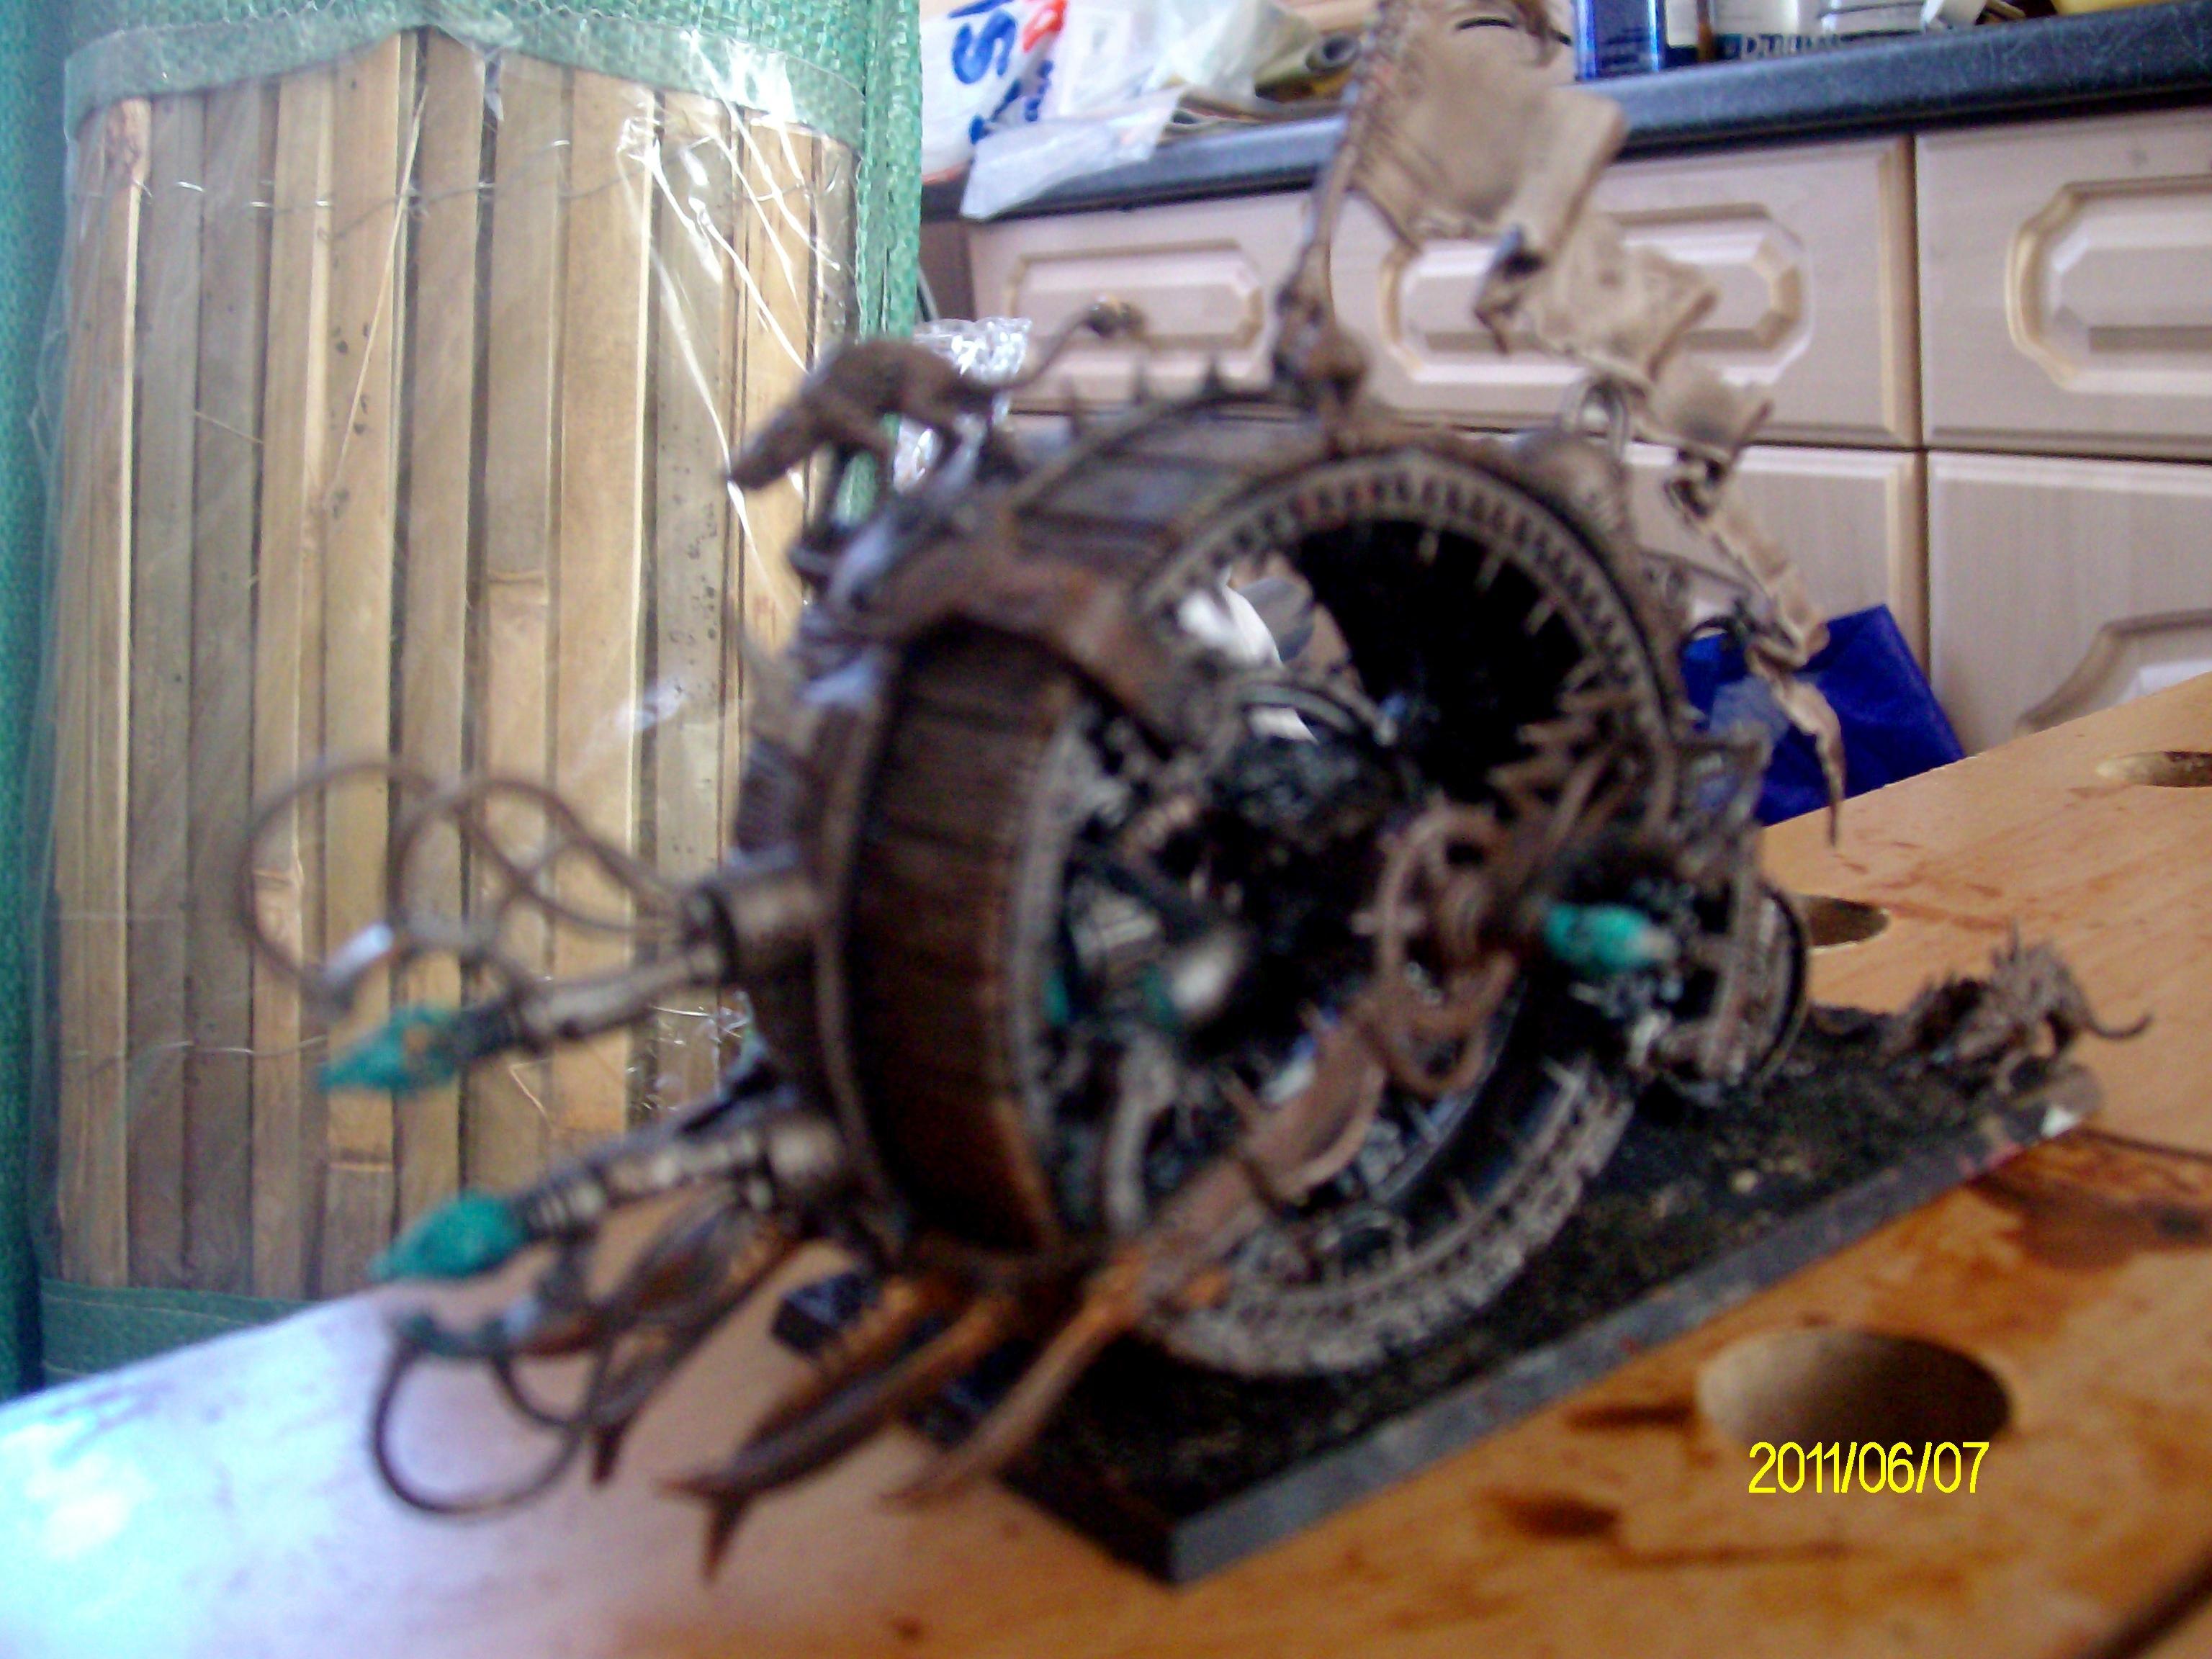 Skaven, Skaven Doomwheel